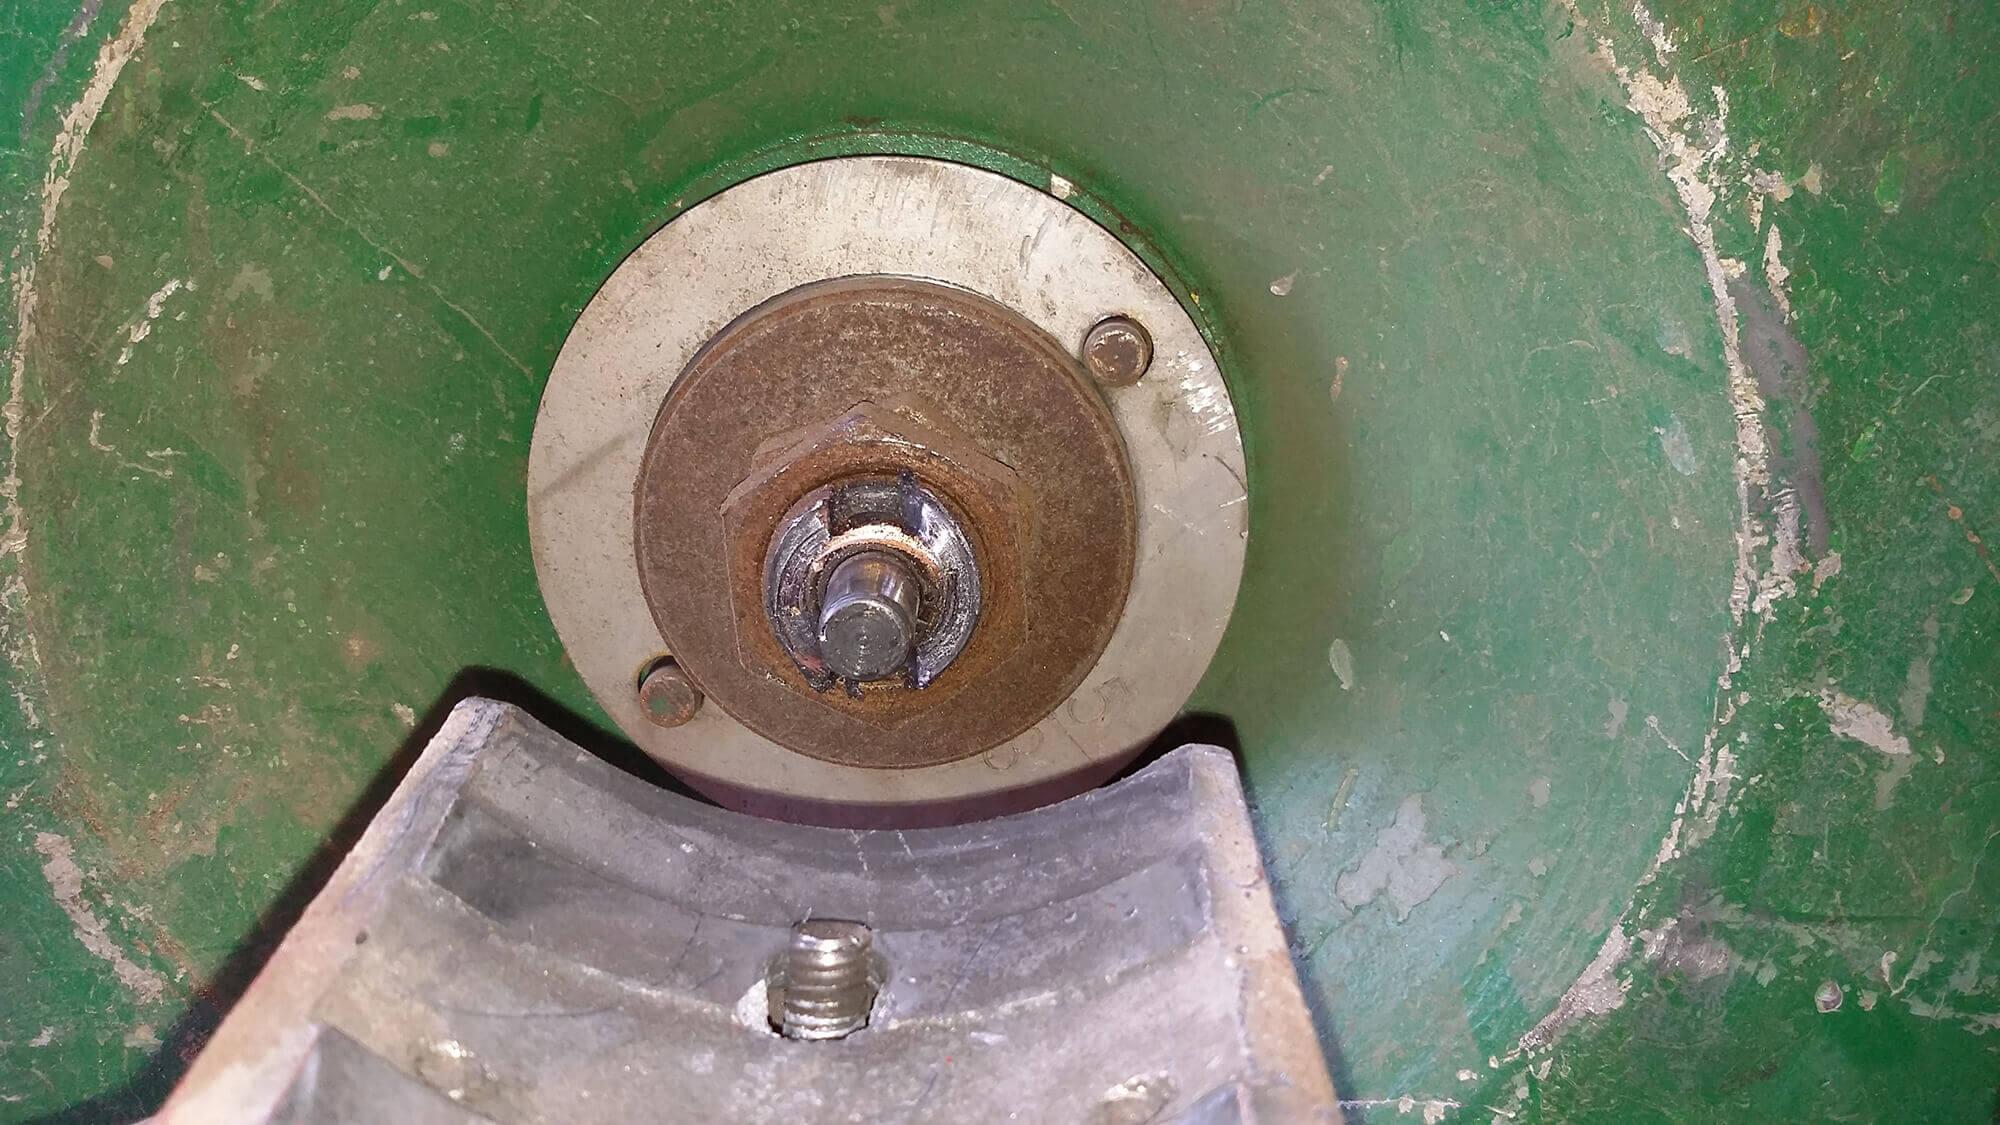 Drain Machine Clutch Hub - Drain Machine Service & Repair